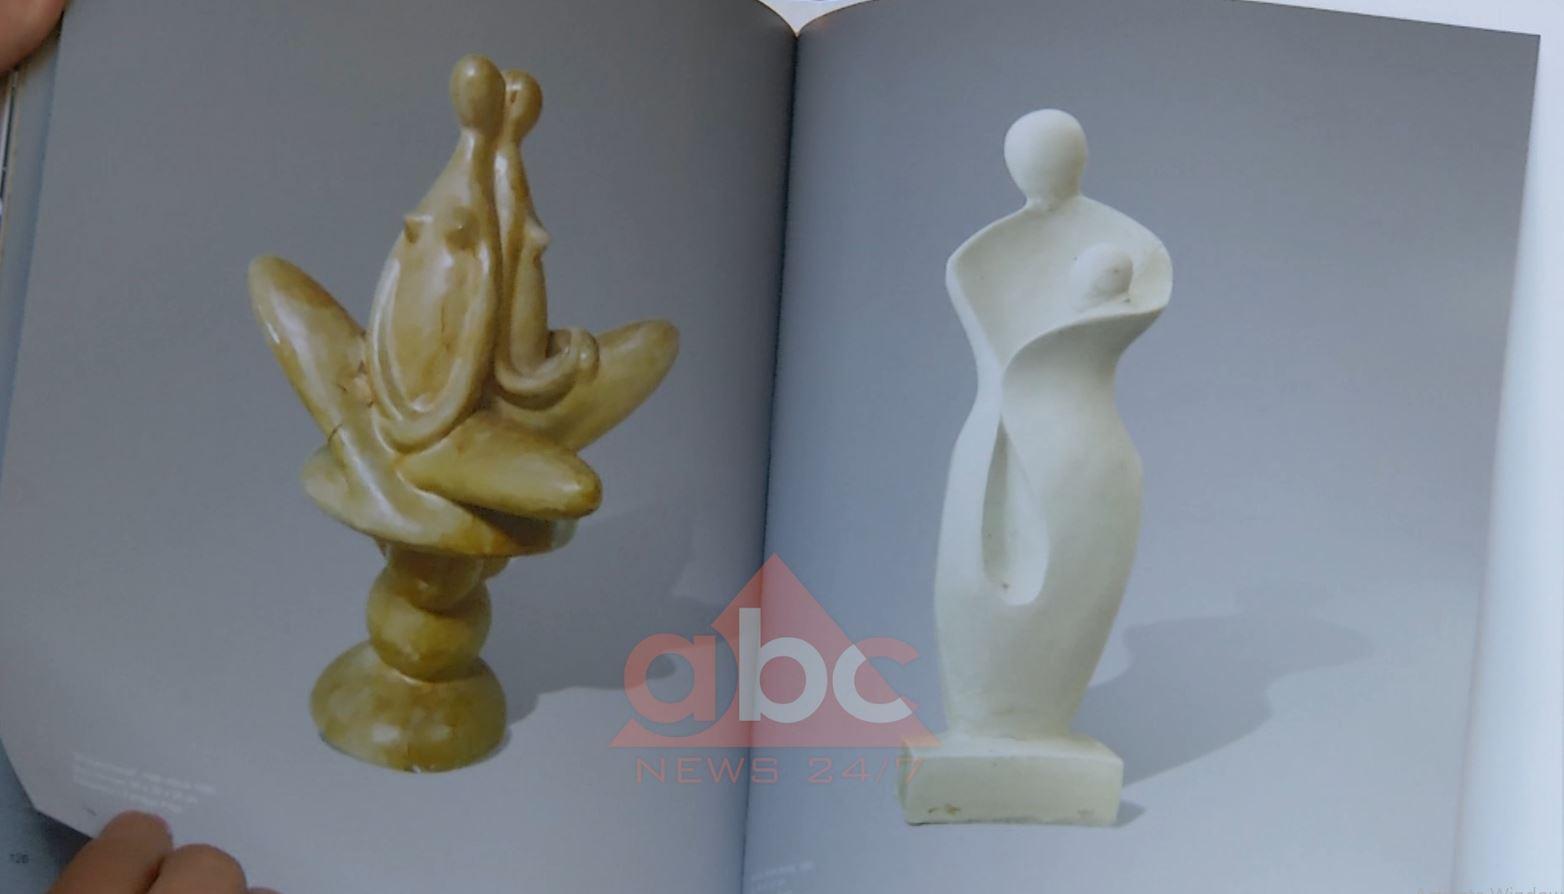 Pasion i mjeshtrit Paco mbetet figura femërore, skulptori boton albumin e ndaluar